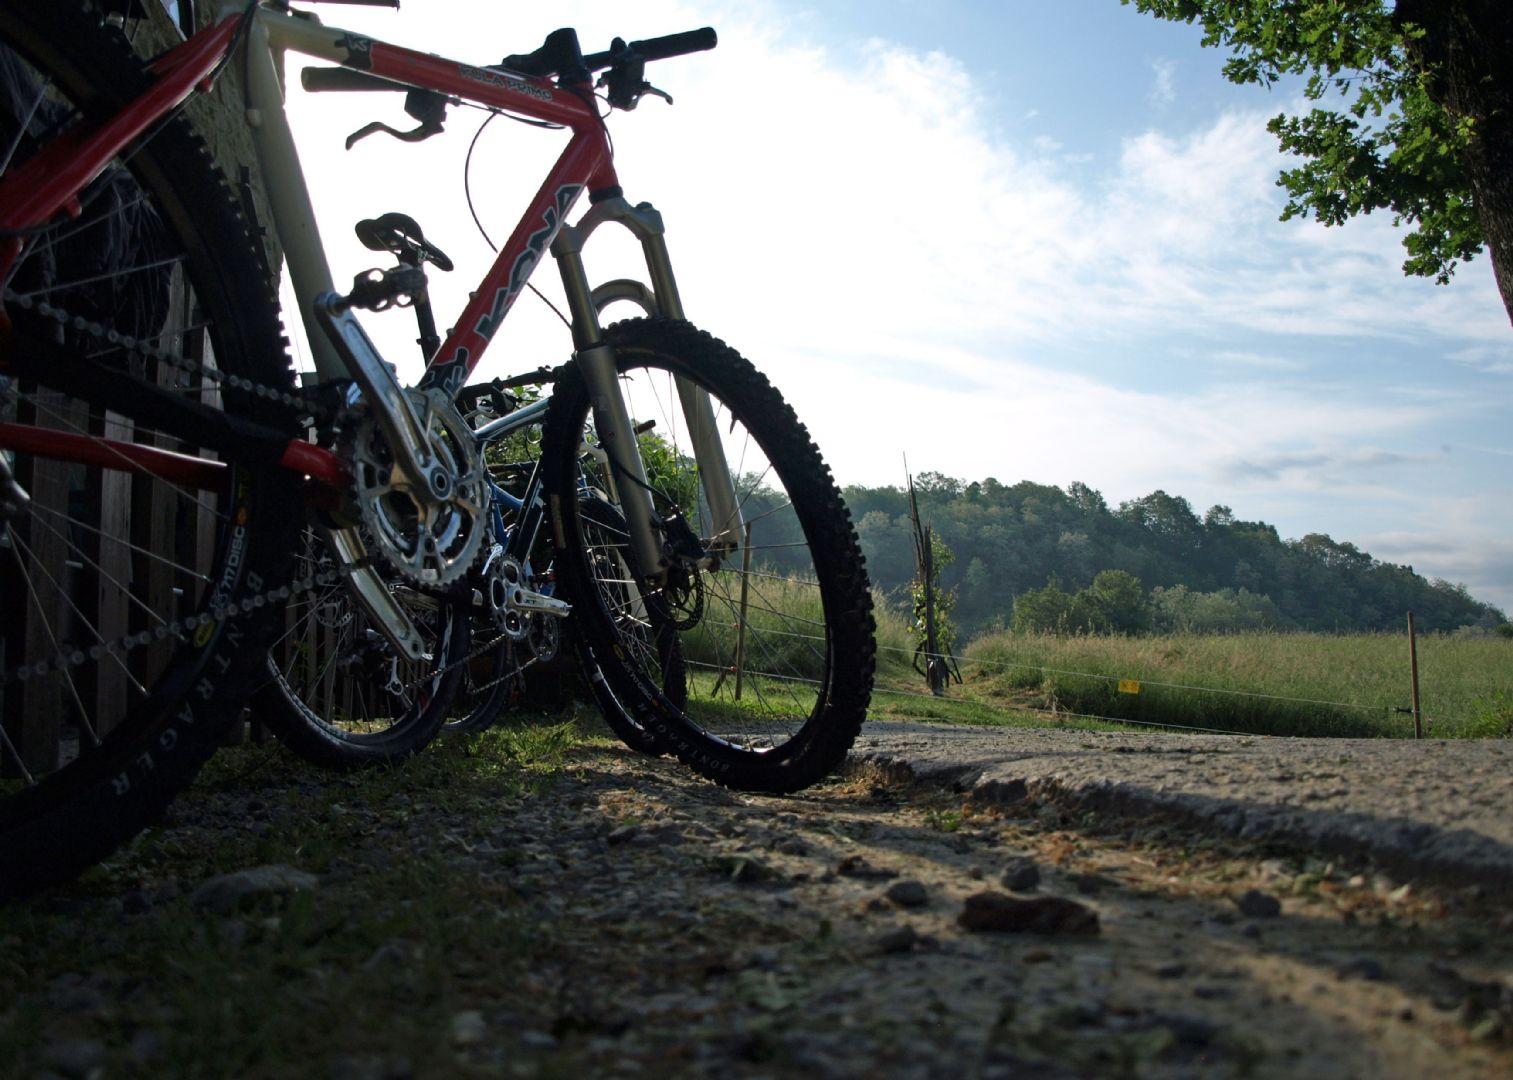 Ready to go.jpg - Italy - Via Francigena (Tuscany to Rome) - Mountain Biking